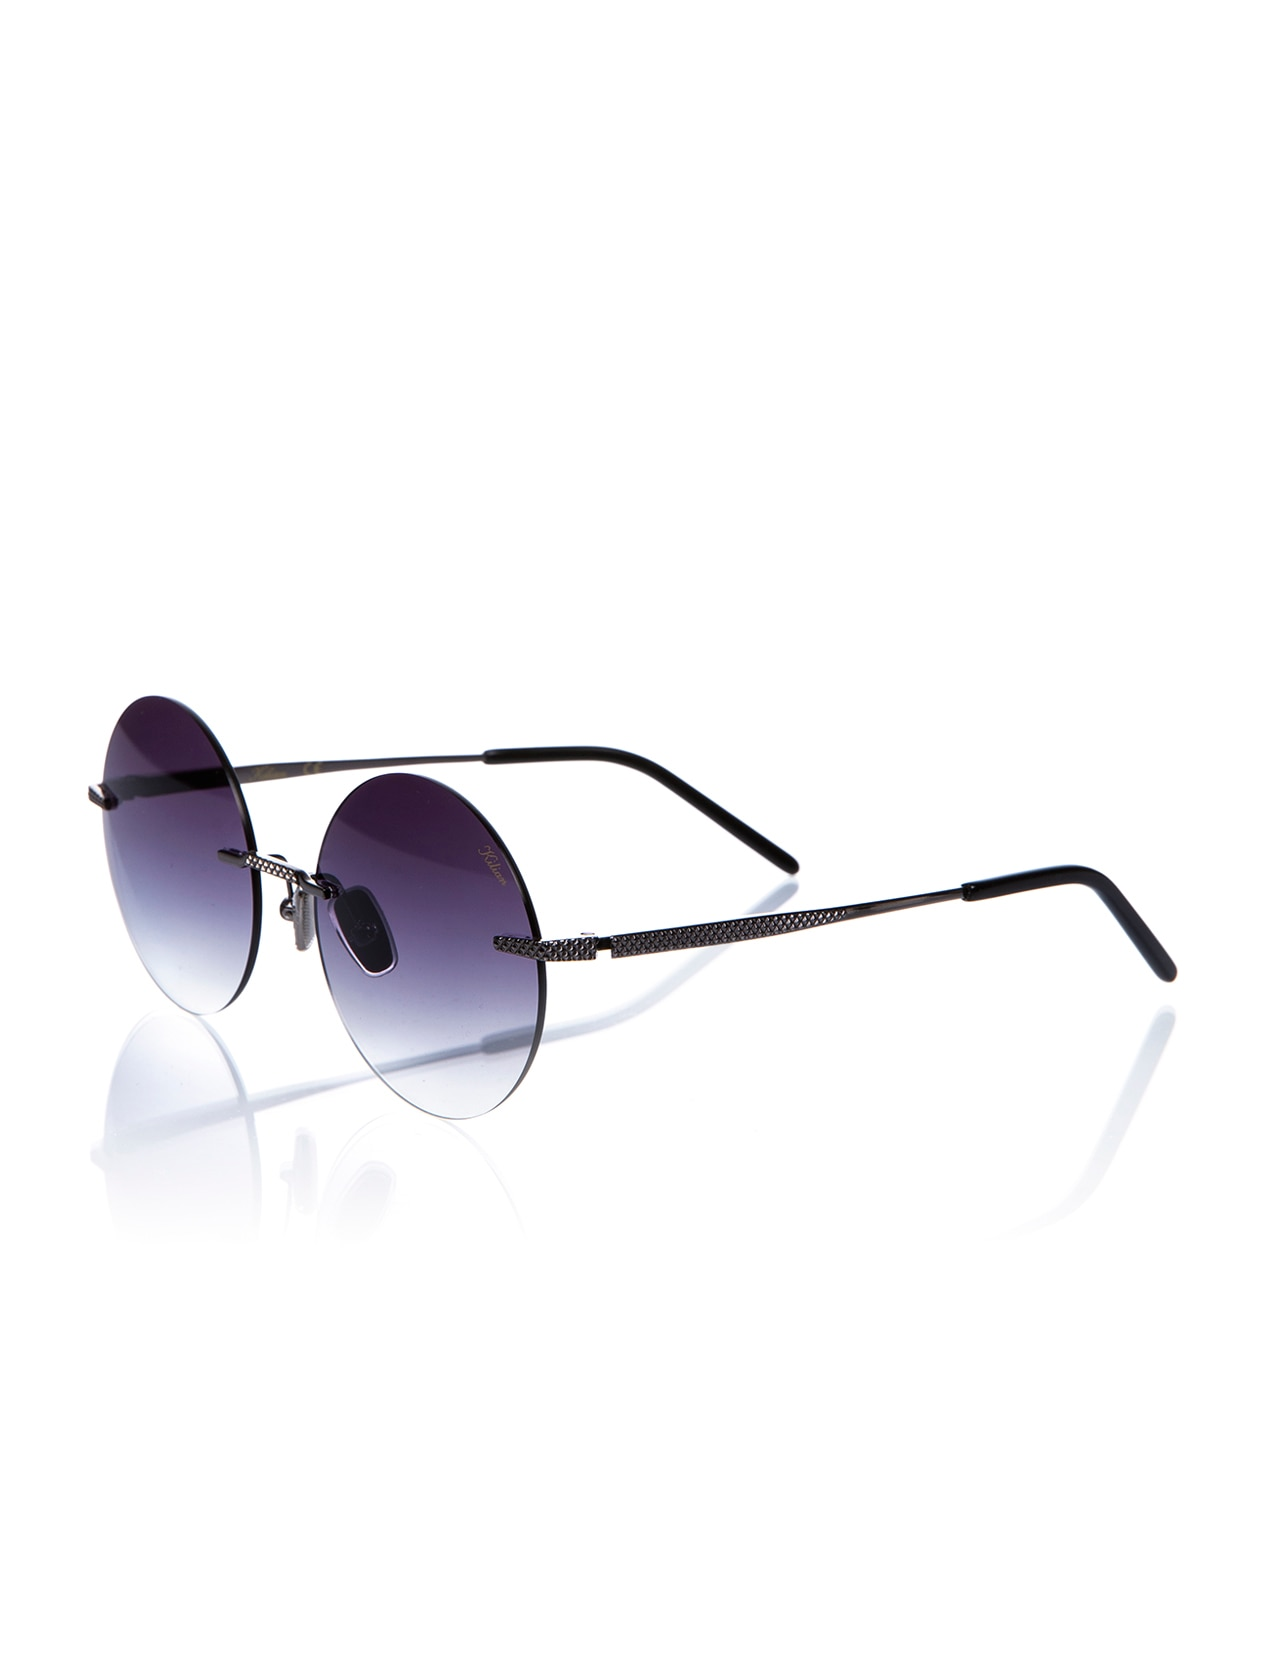 Gafas de sol para mujer k 8106 01 metal otro orgánico 52-kilian